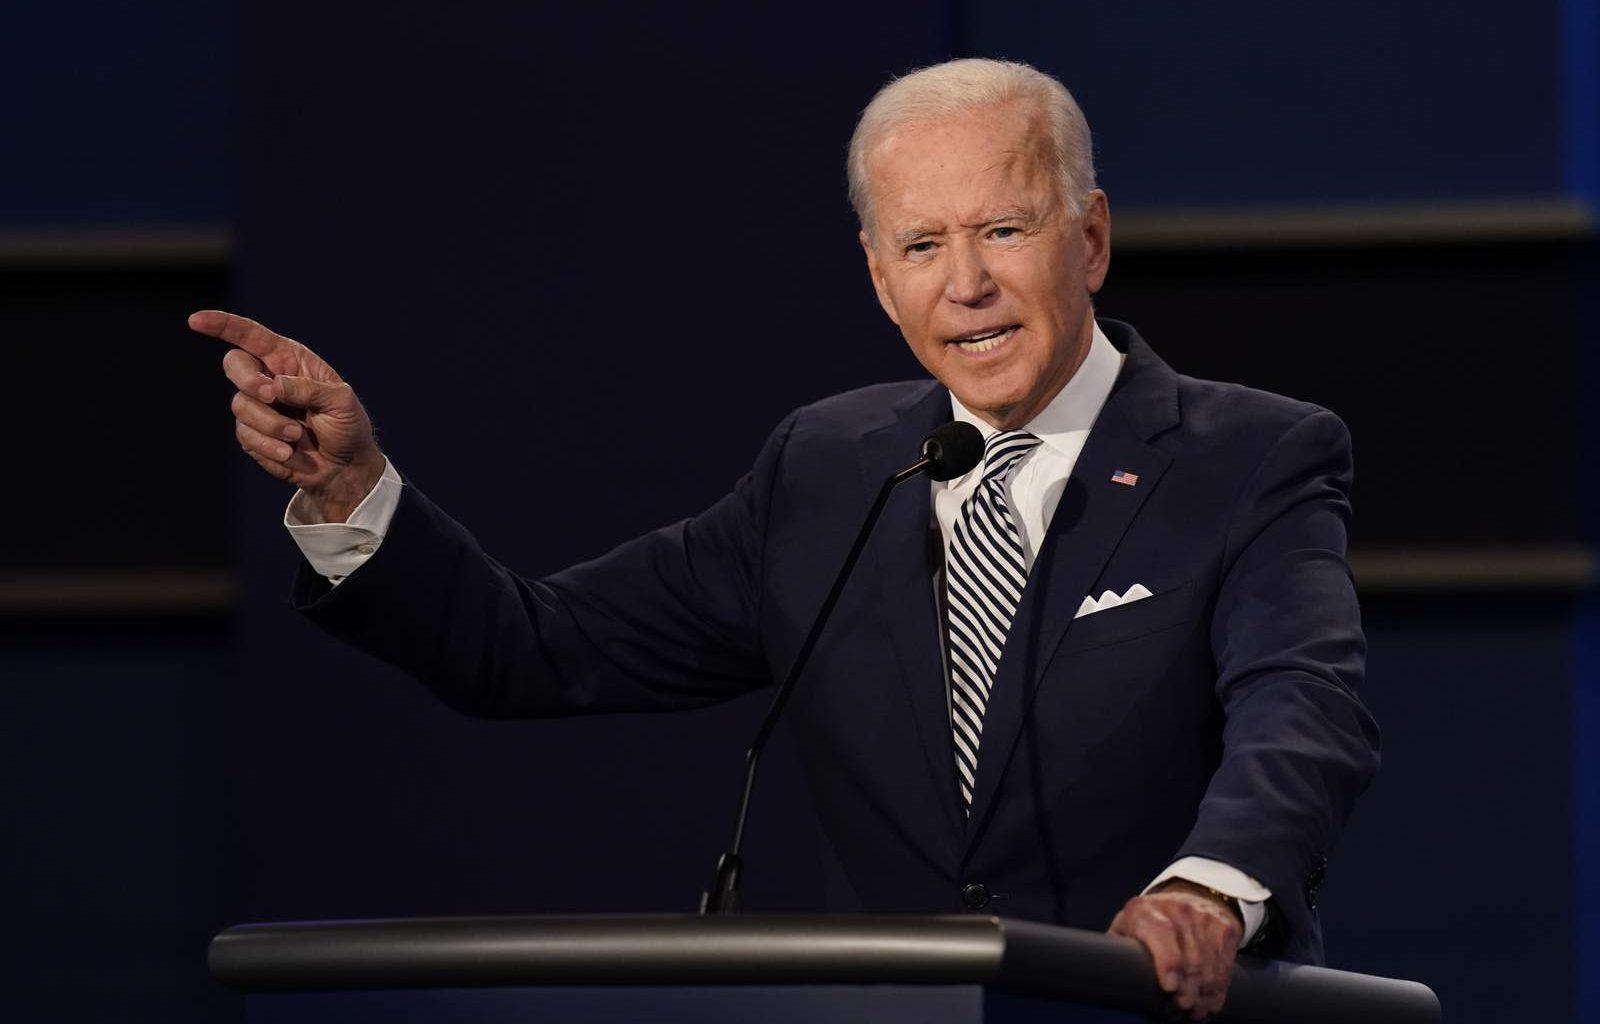 Joe Biden Declares MAJOR DISASTER... We Thought He Was Discussing His Career